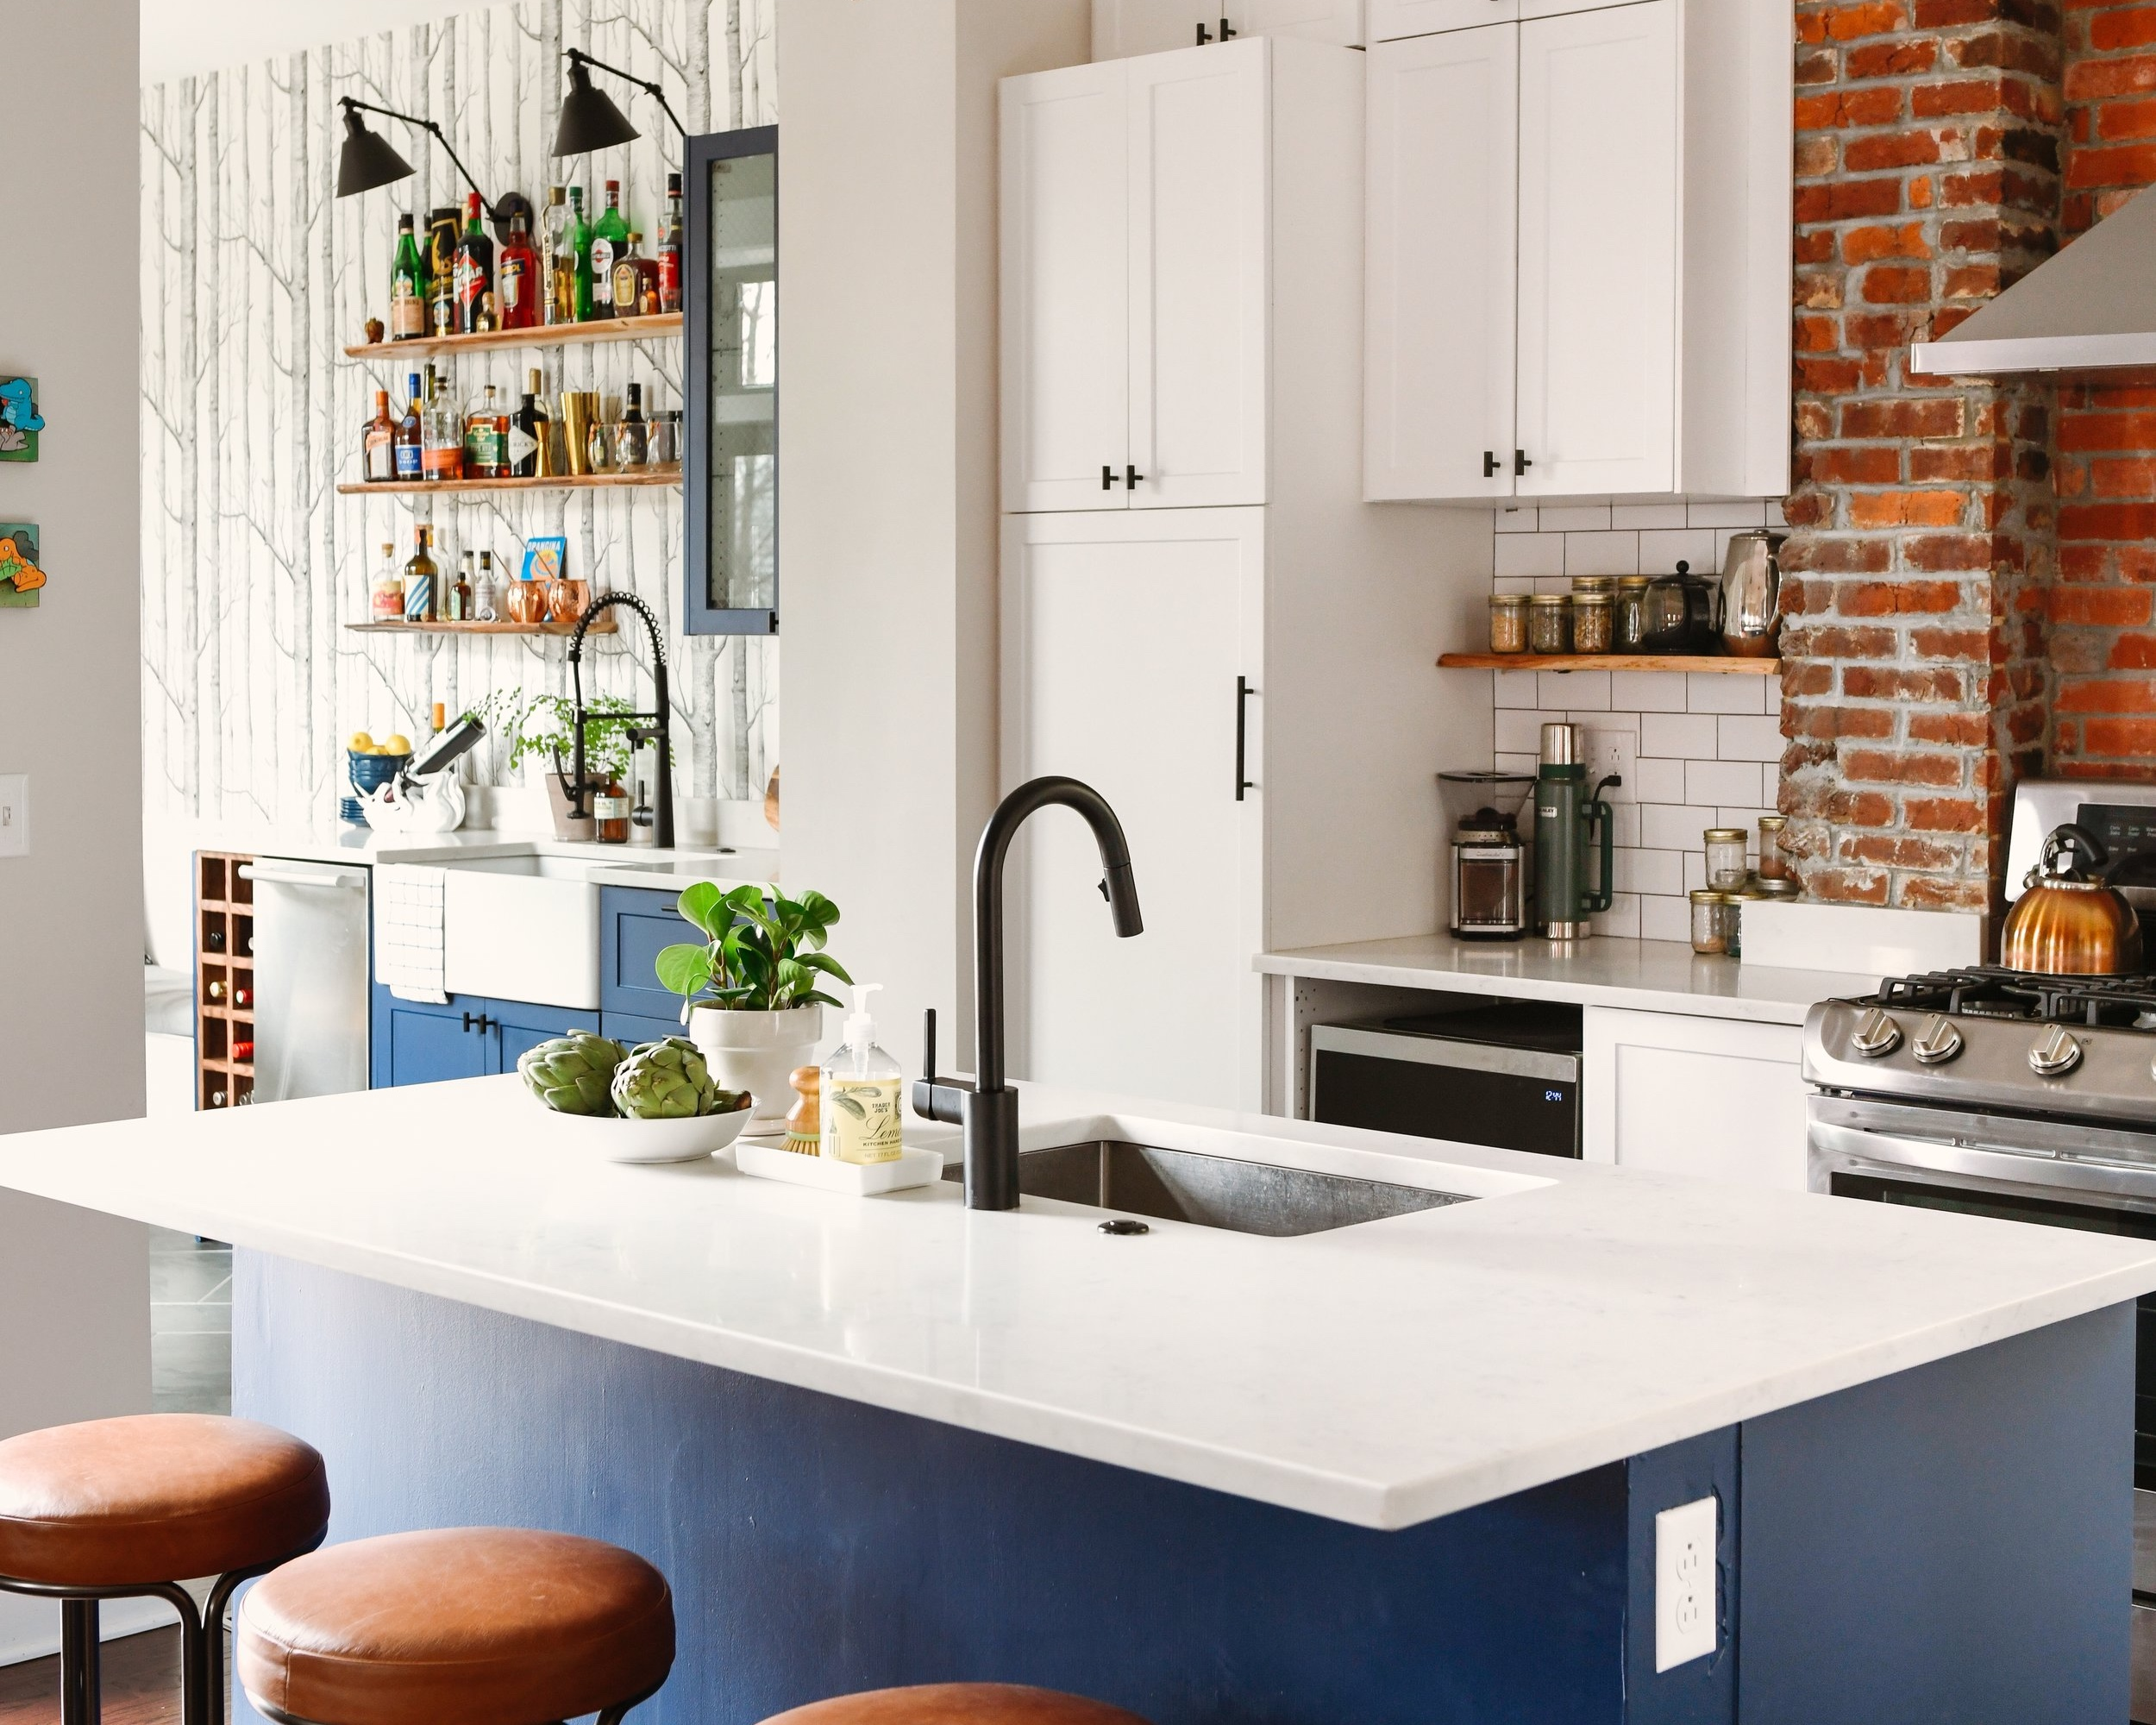 Katy+Popple+Design+Kitchen+-+Leather+Stools+4.jpg